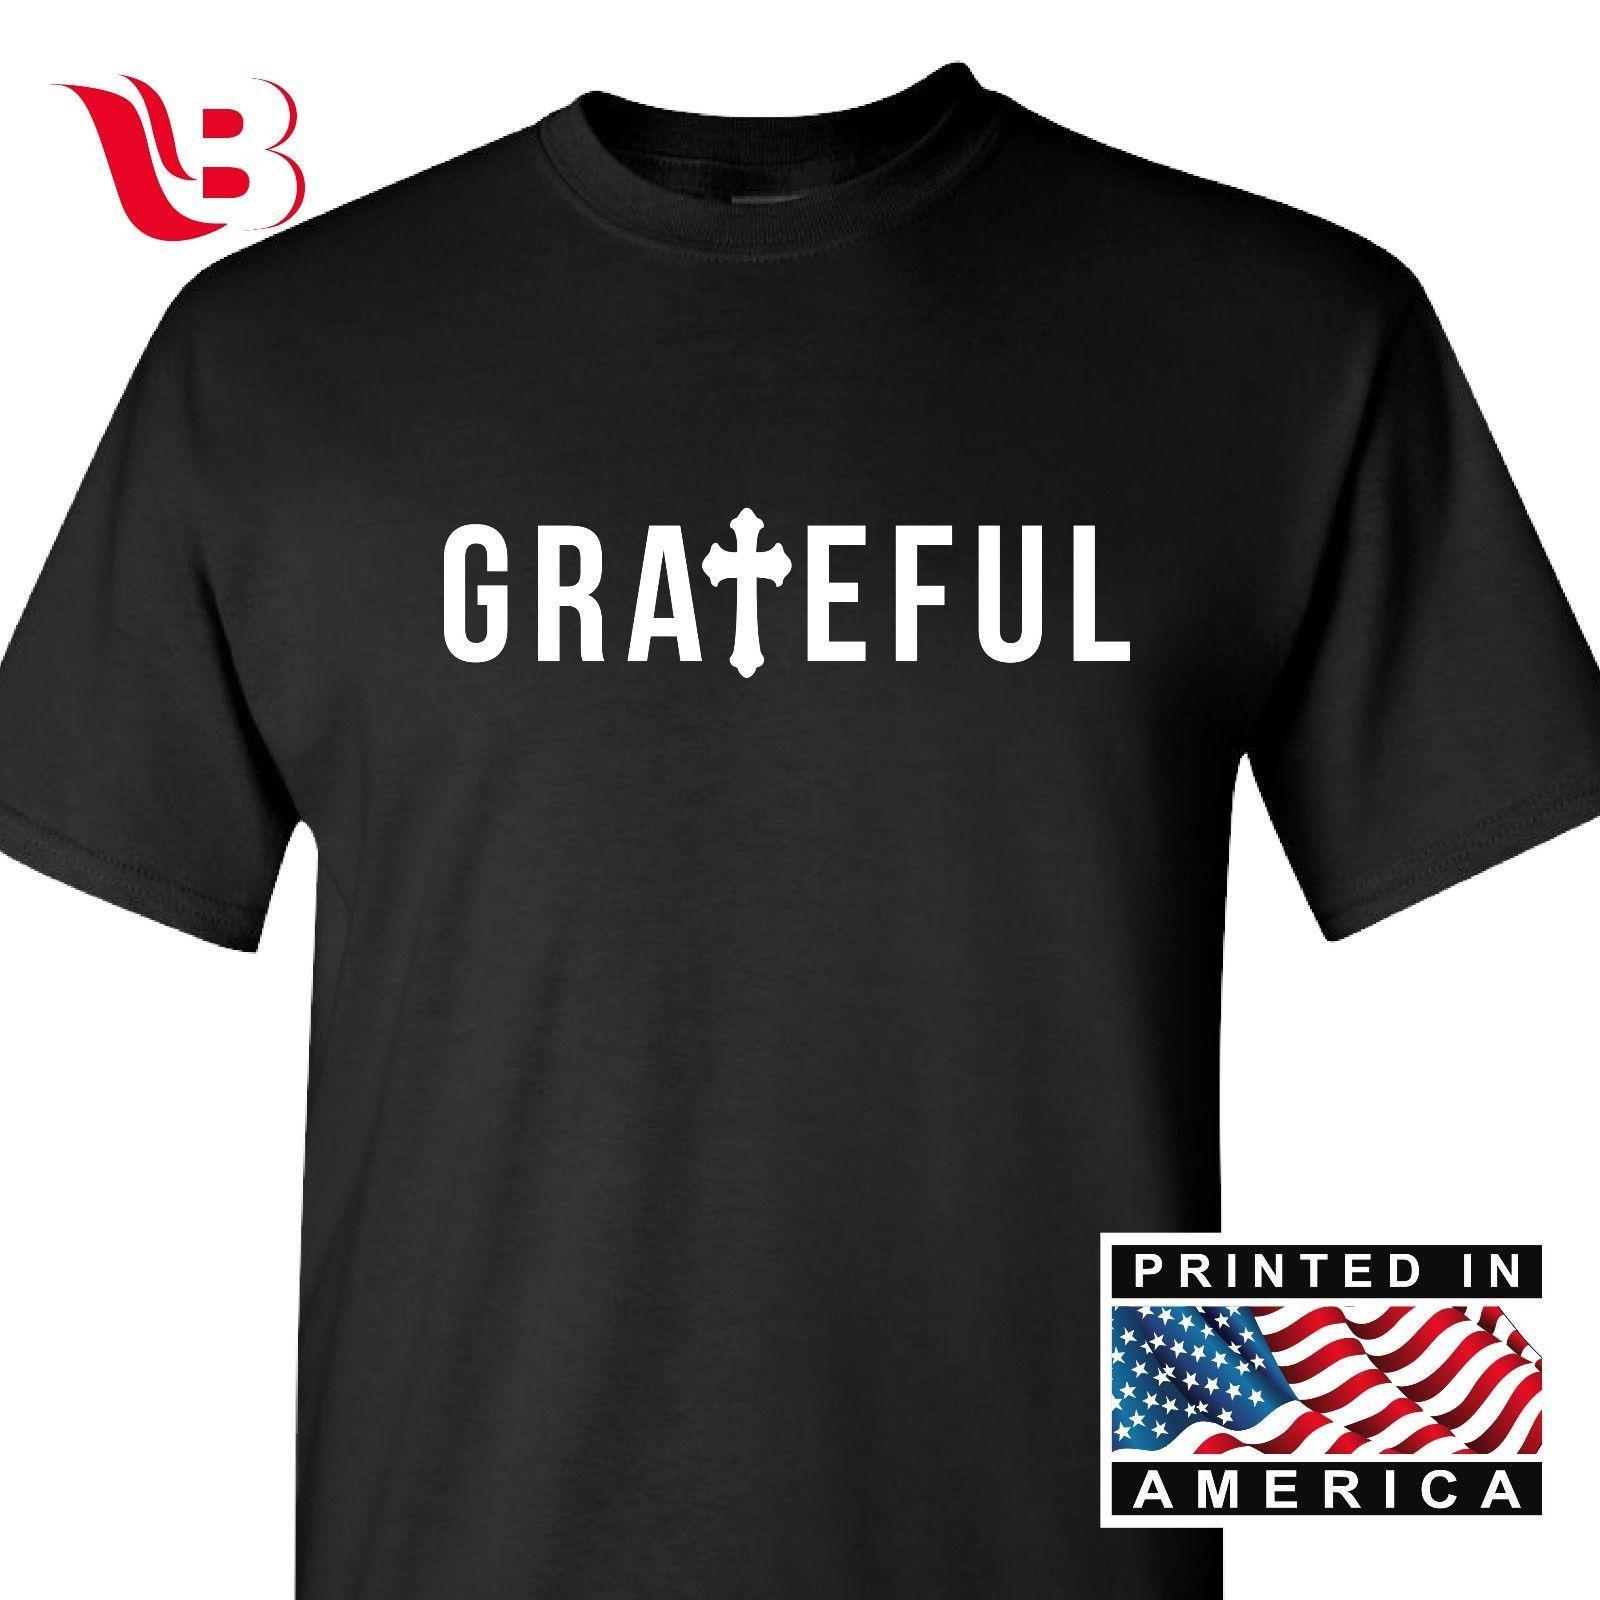 4468f222e Compre Grateful Religiosa T Camisa Jesus Cruz Cristã Tee Religião Deus  Presente Camiseta Homens Mulheres Unisex Moda Tshirt Frete Grátis De ...